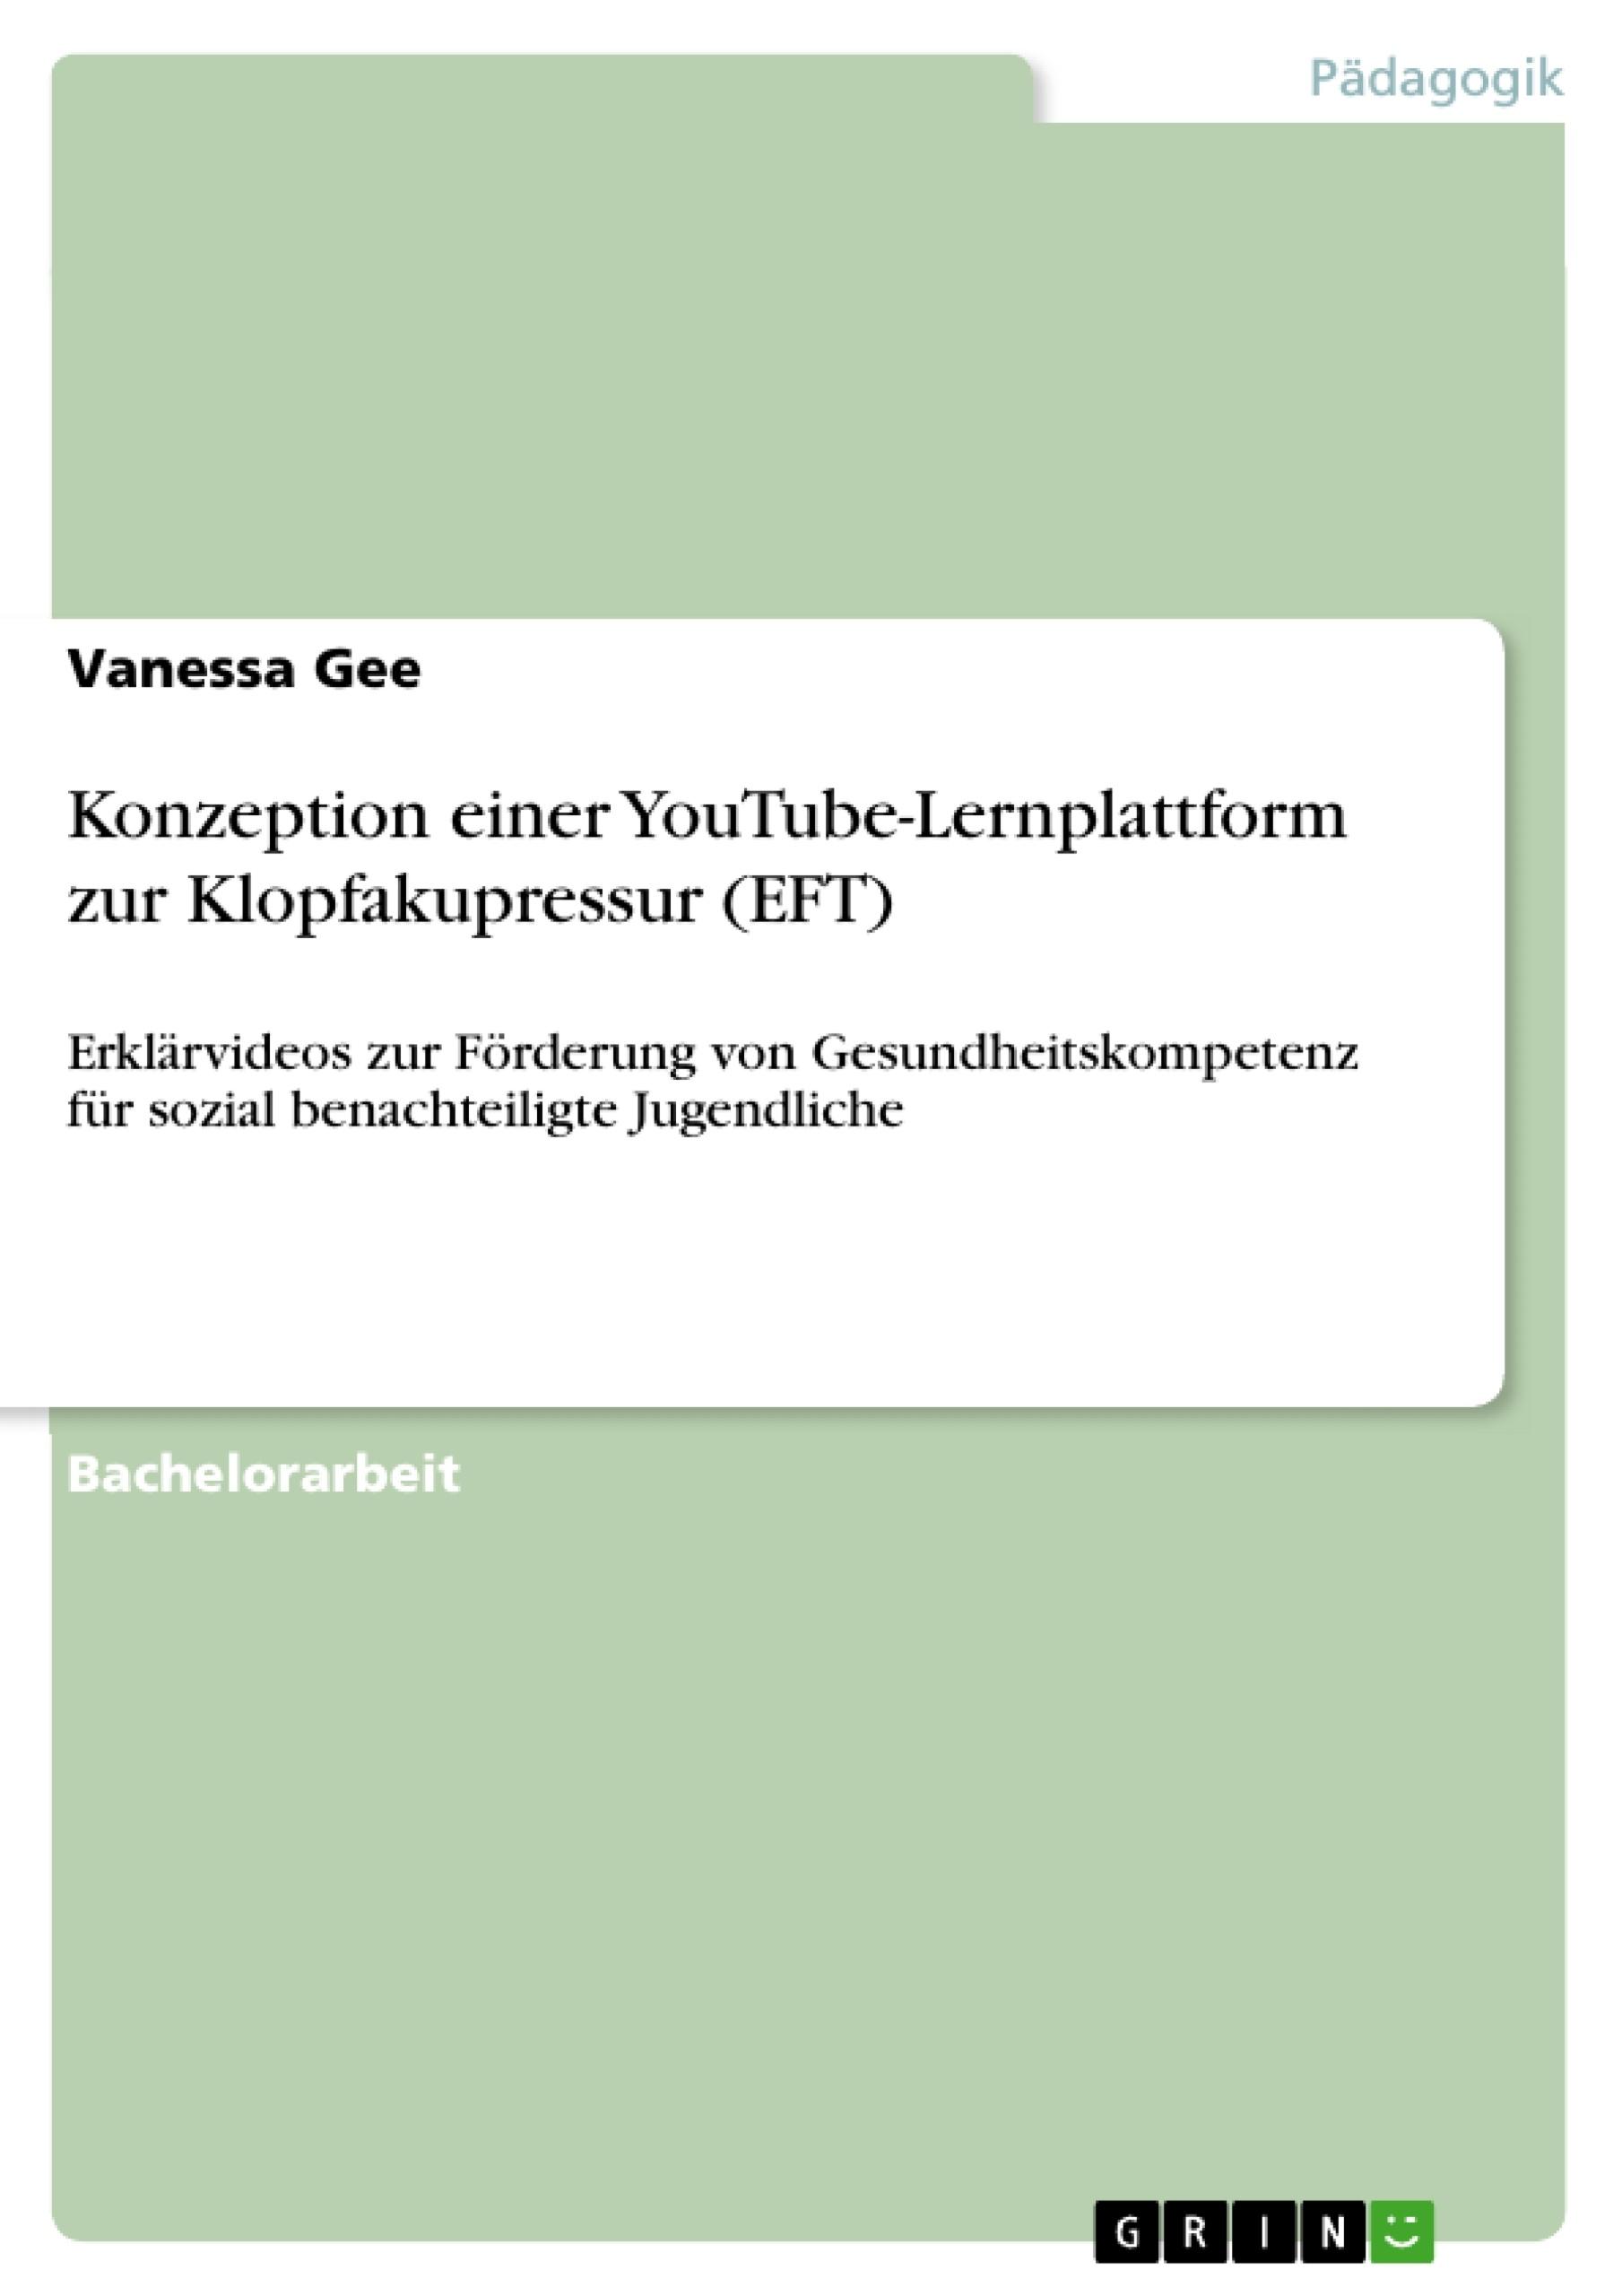 Titel: Konzeption einer YouTube-Lernplattform zur Klopfakupressur (EFT)